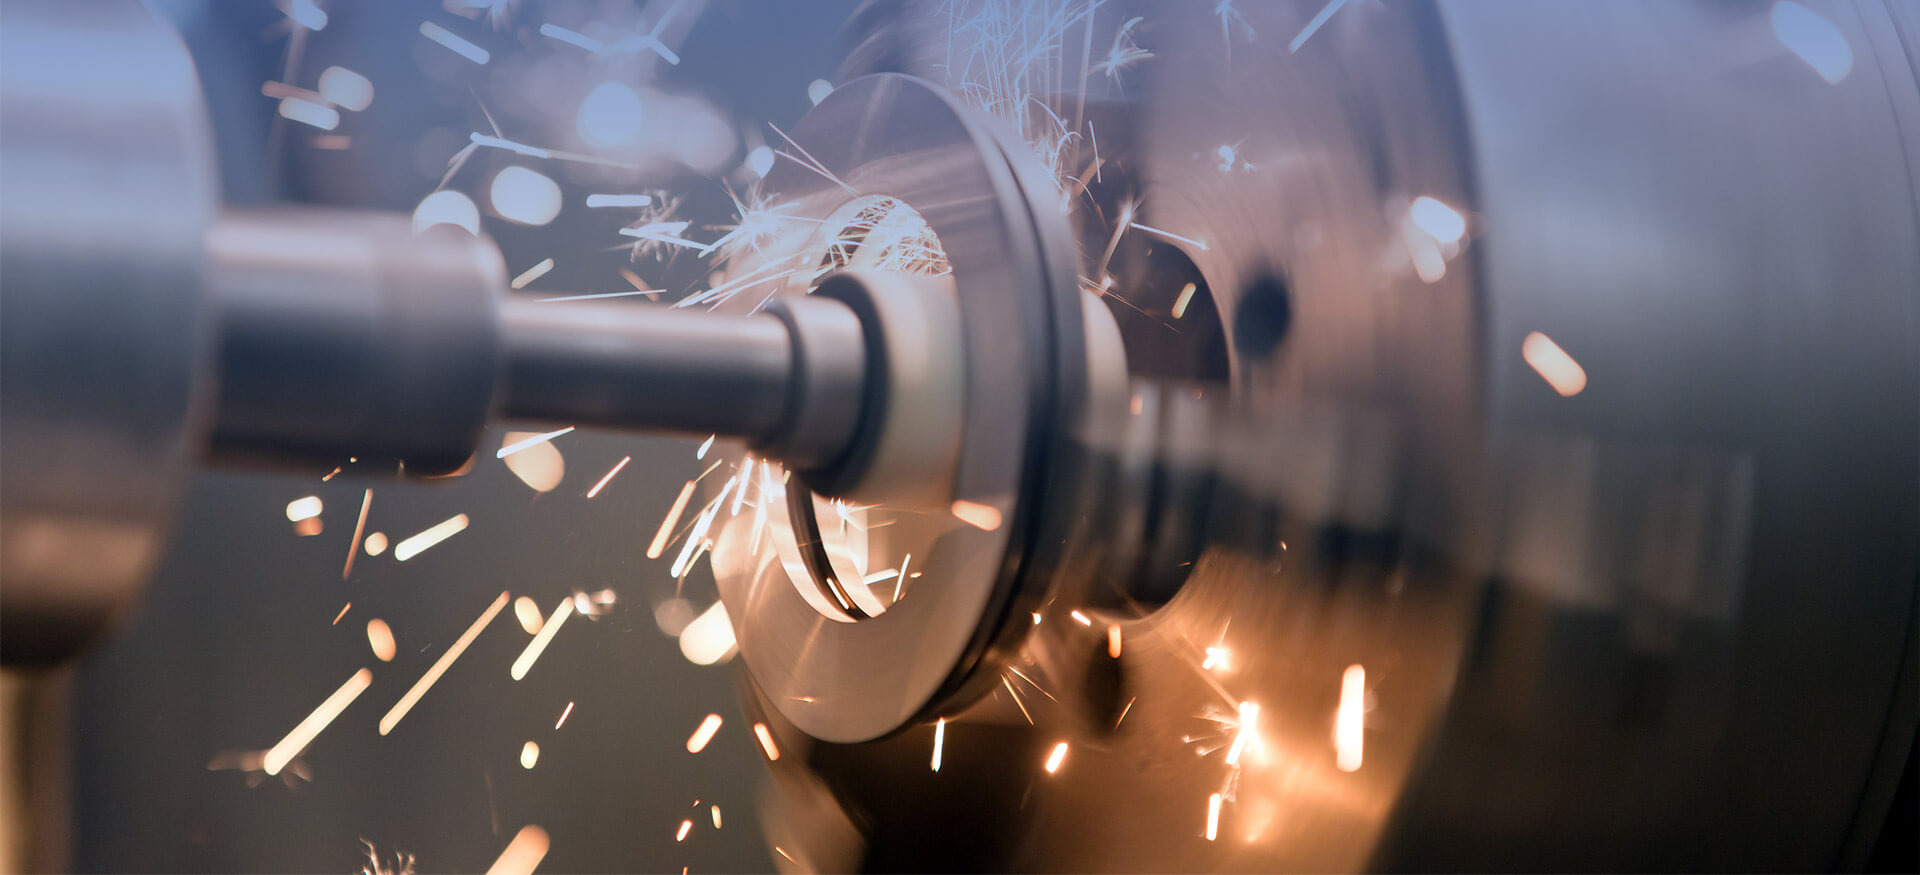 Обработка металлов резанием: виды процесса, основные способы